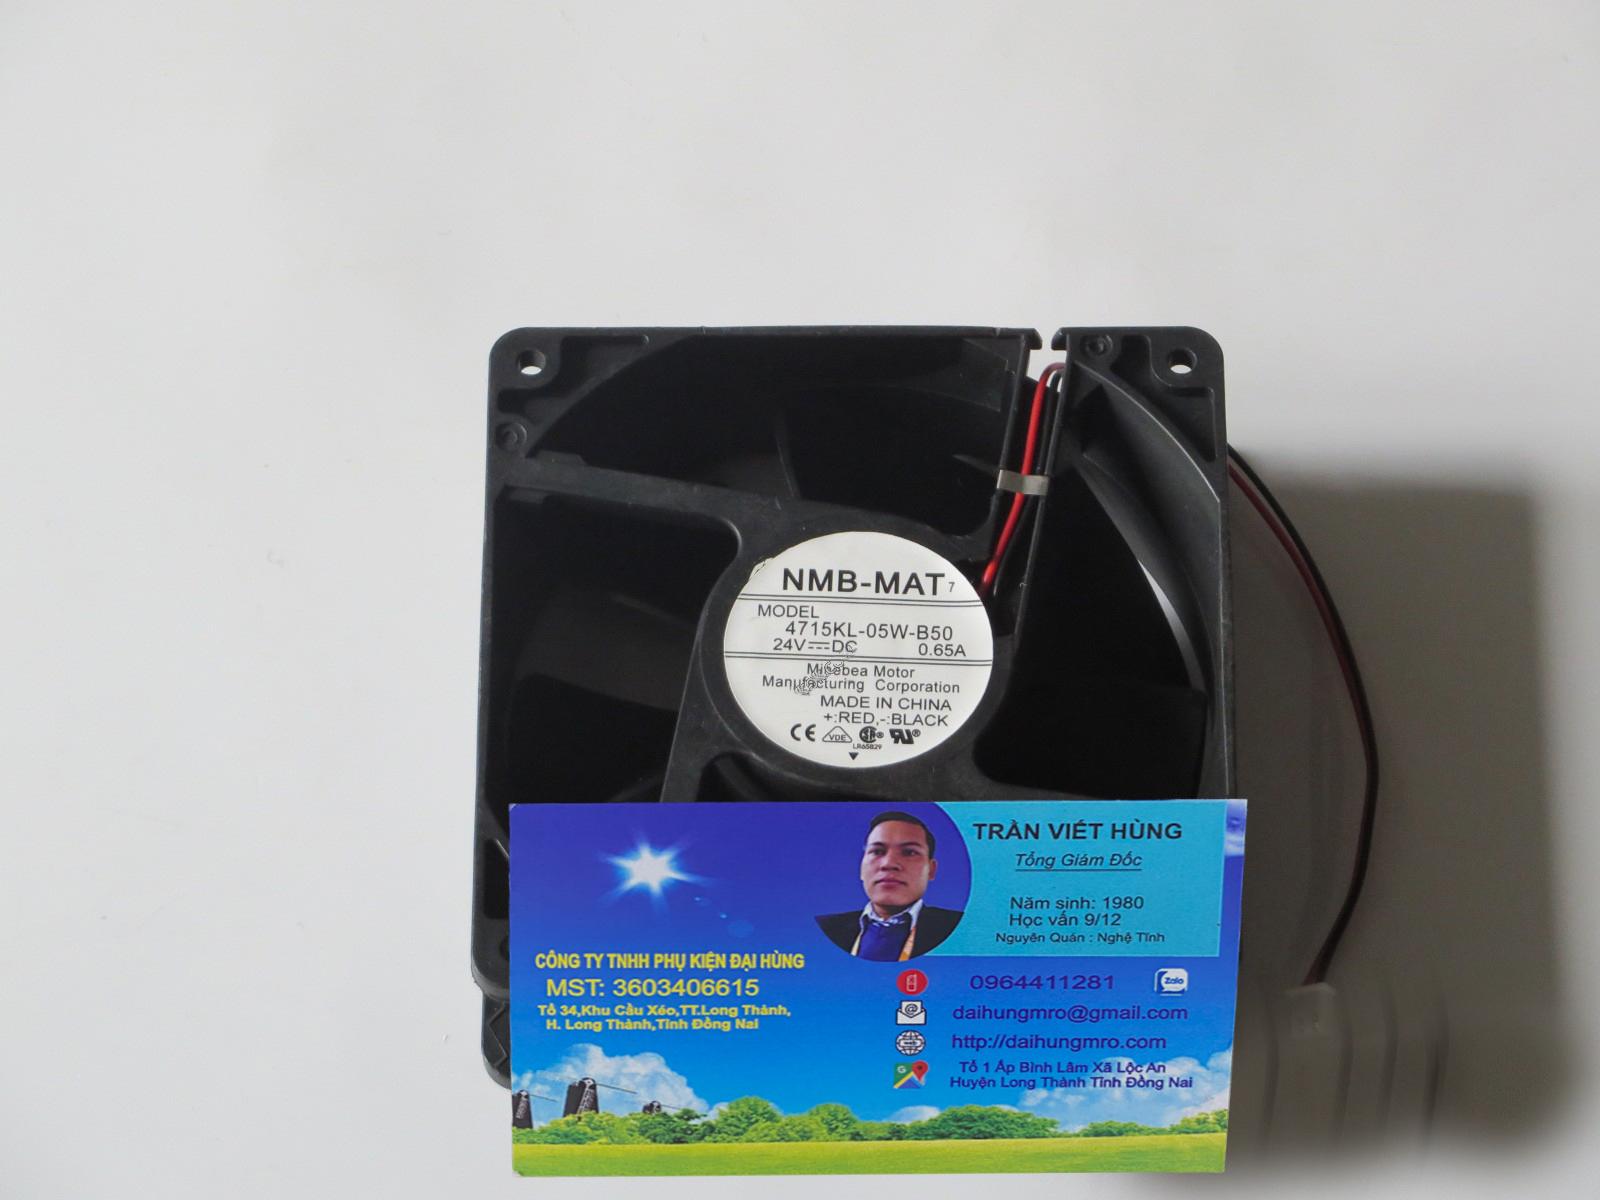 NMB-MAT 4715KL-05W-B50